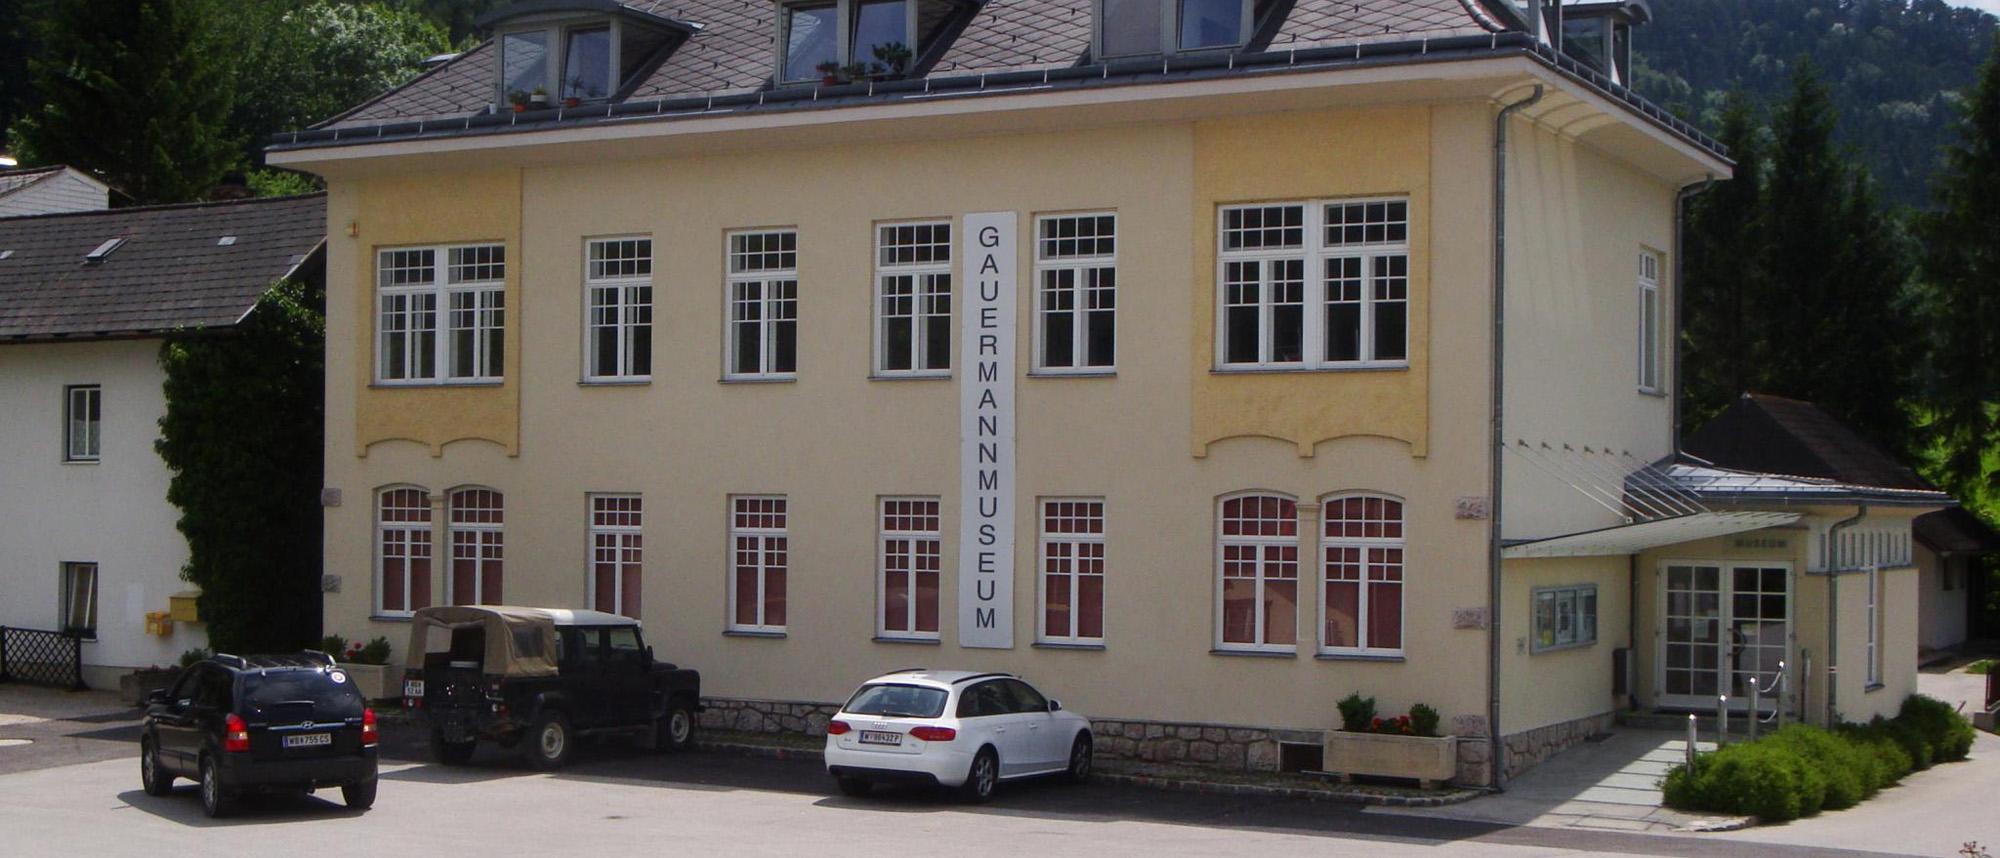 Gauermannmuseum © Helmut Mucker